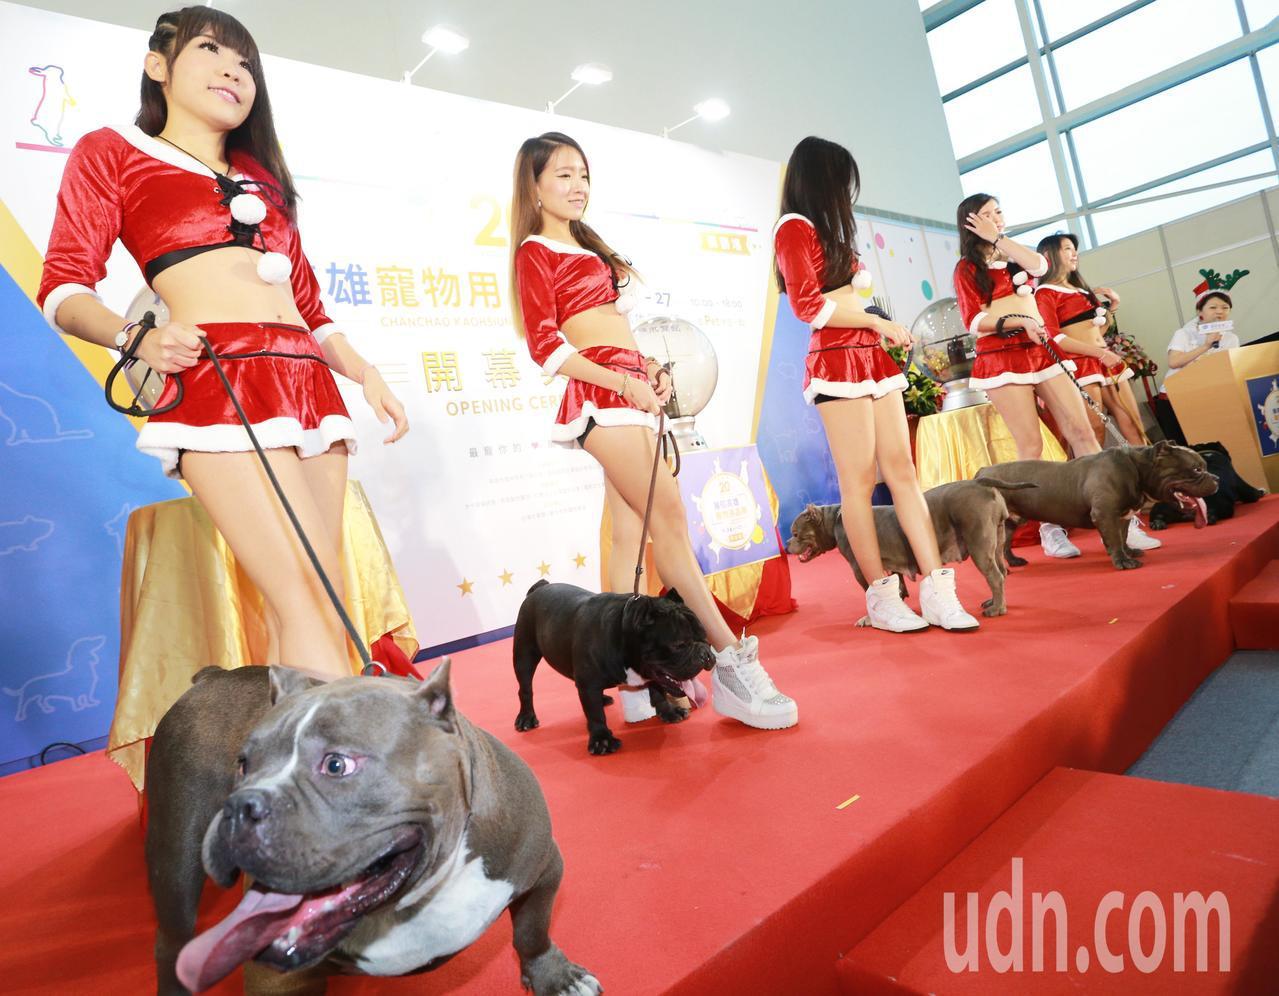 全台最大「高雄寵物用品展」請來5位穿著火辣耶誕裝女郎大秀身材,手牽總價破500萬...